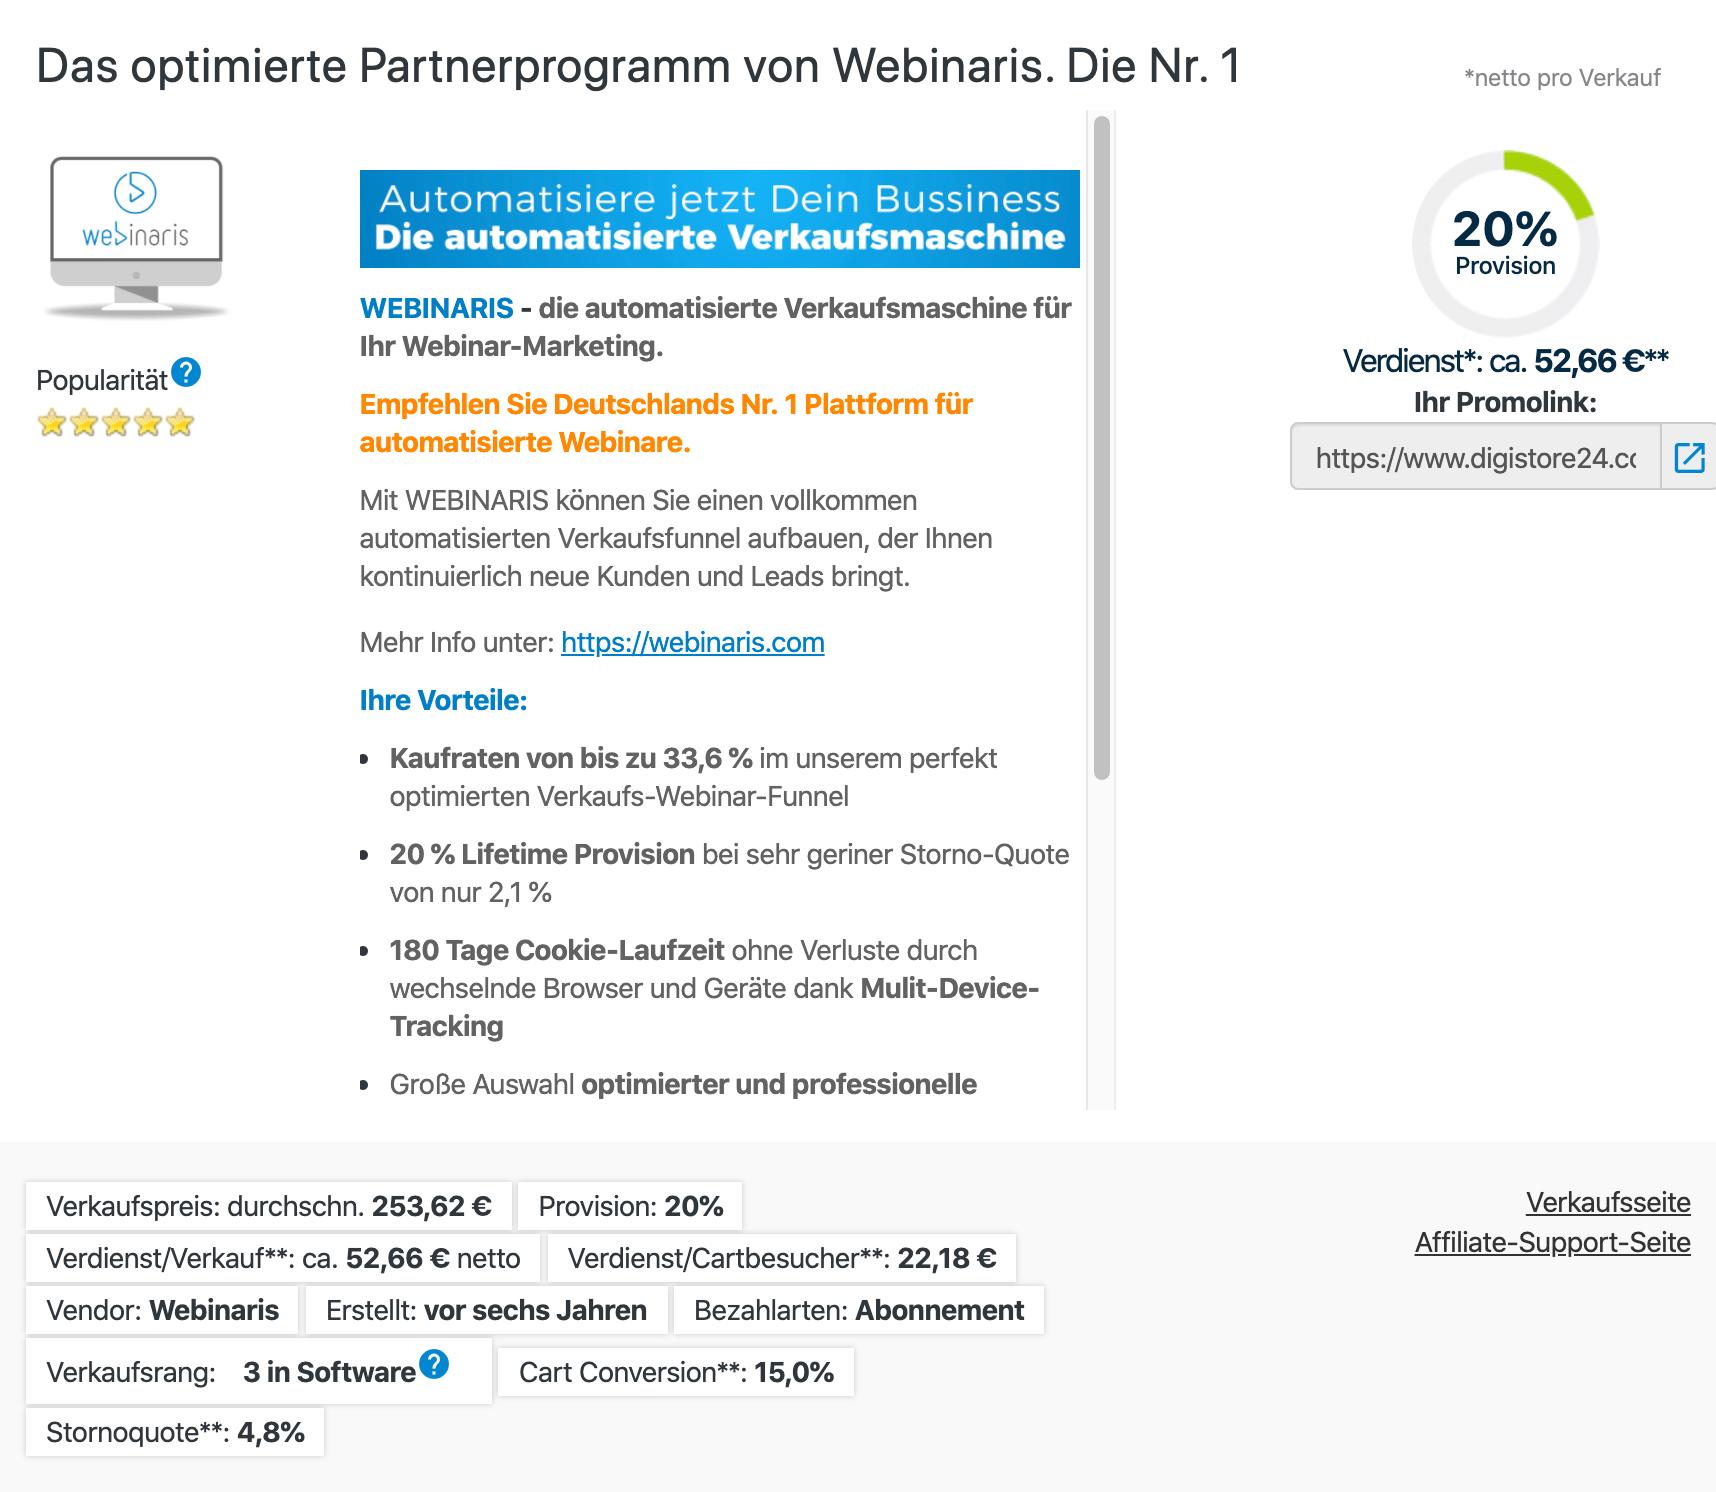 Webinarispartnerprogramm